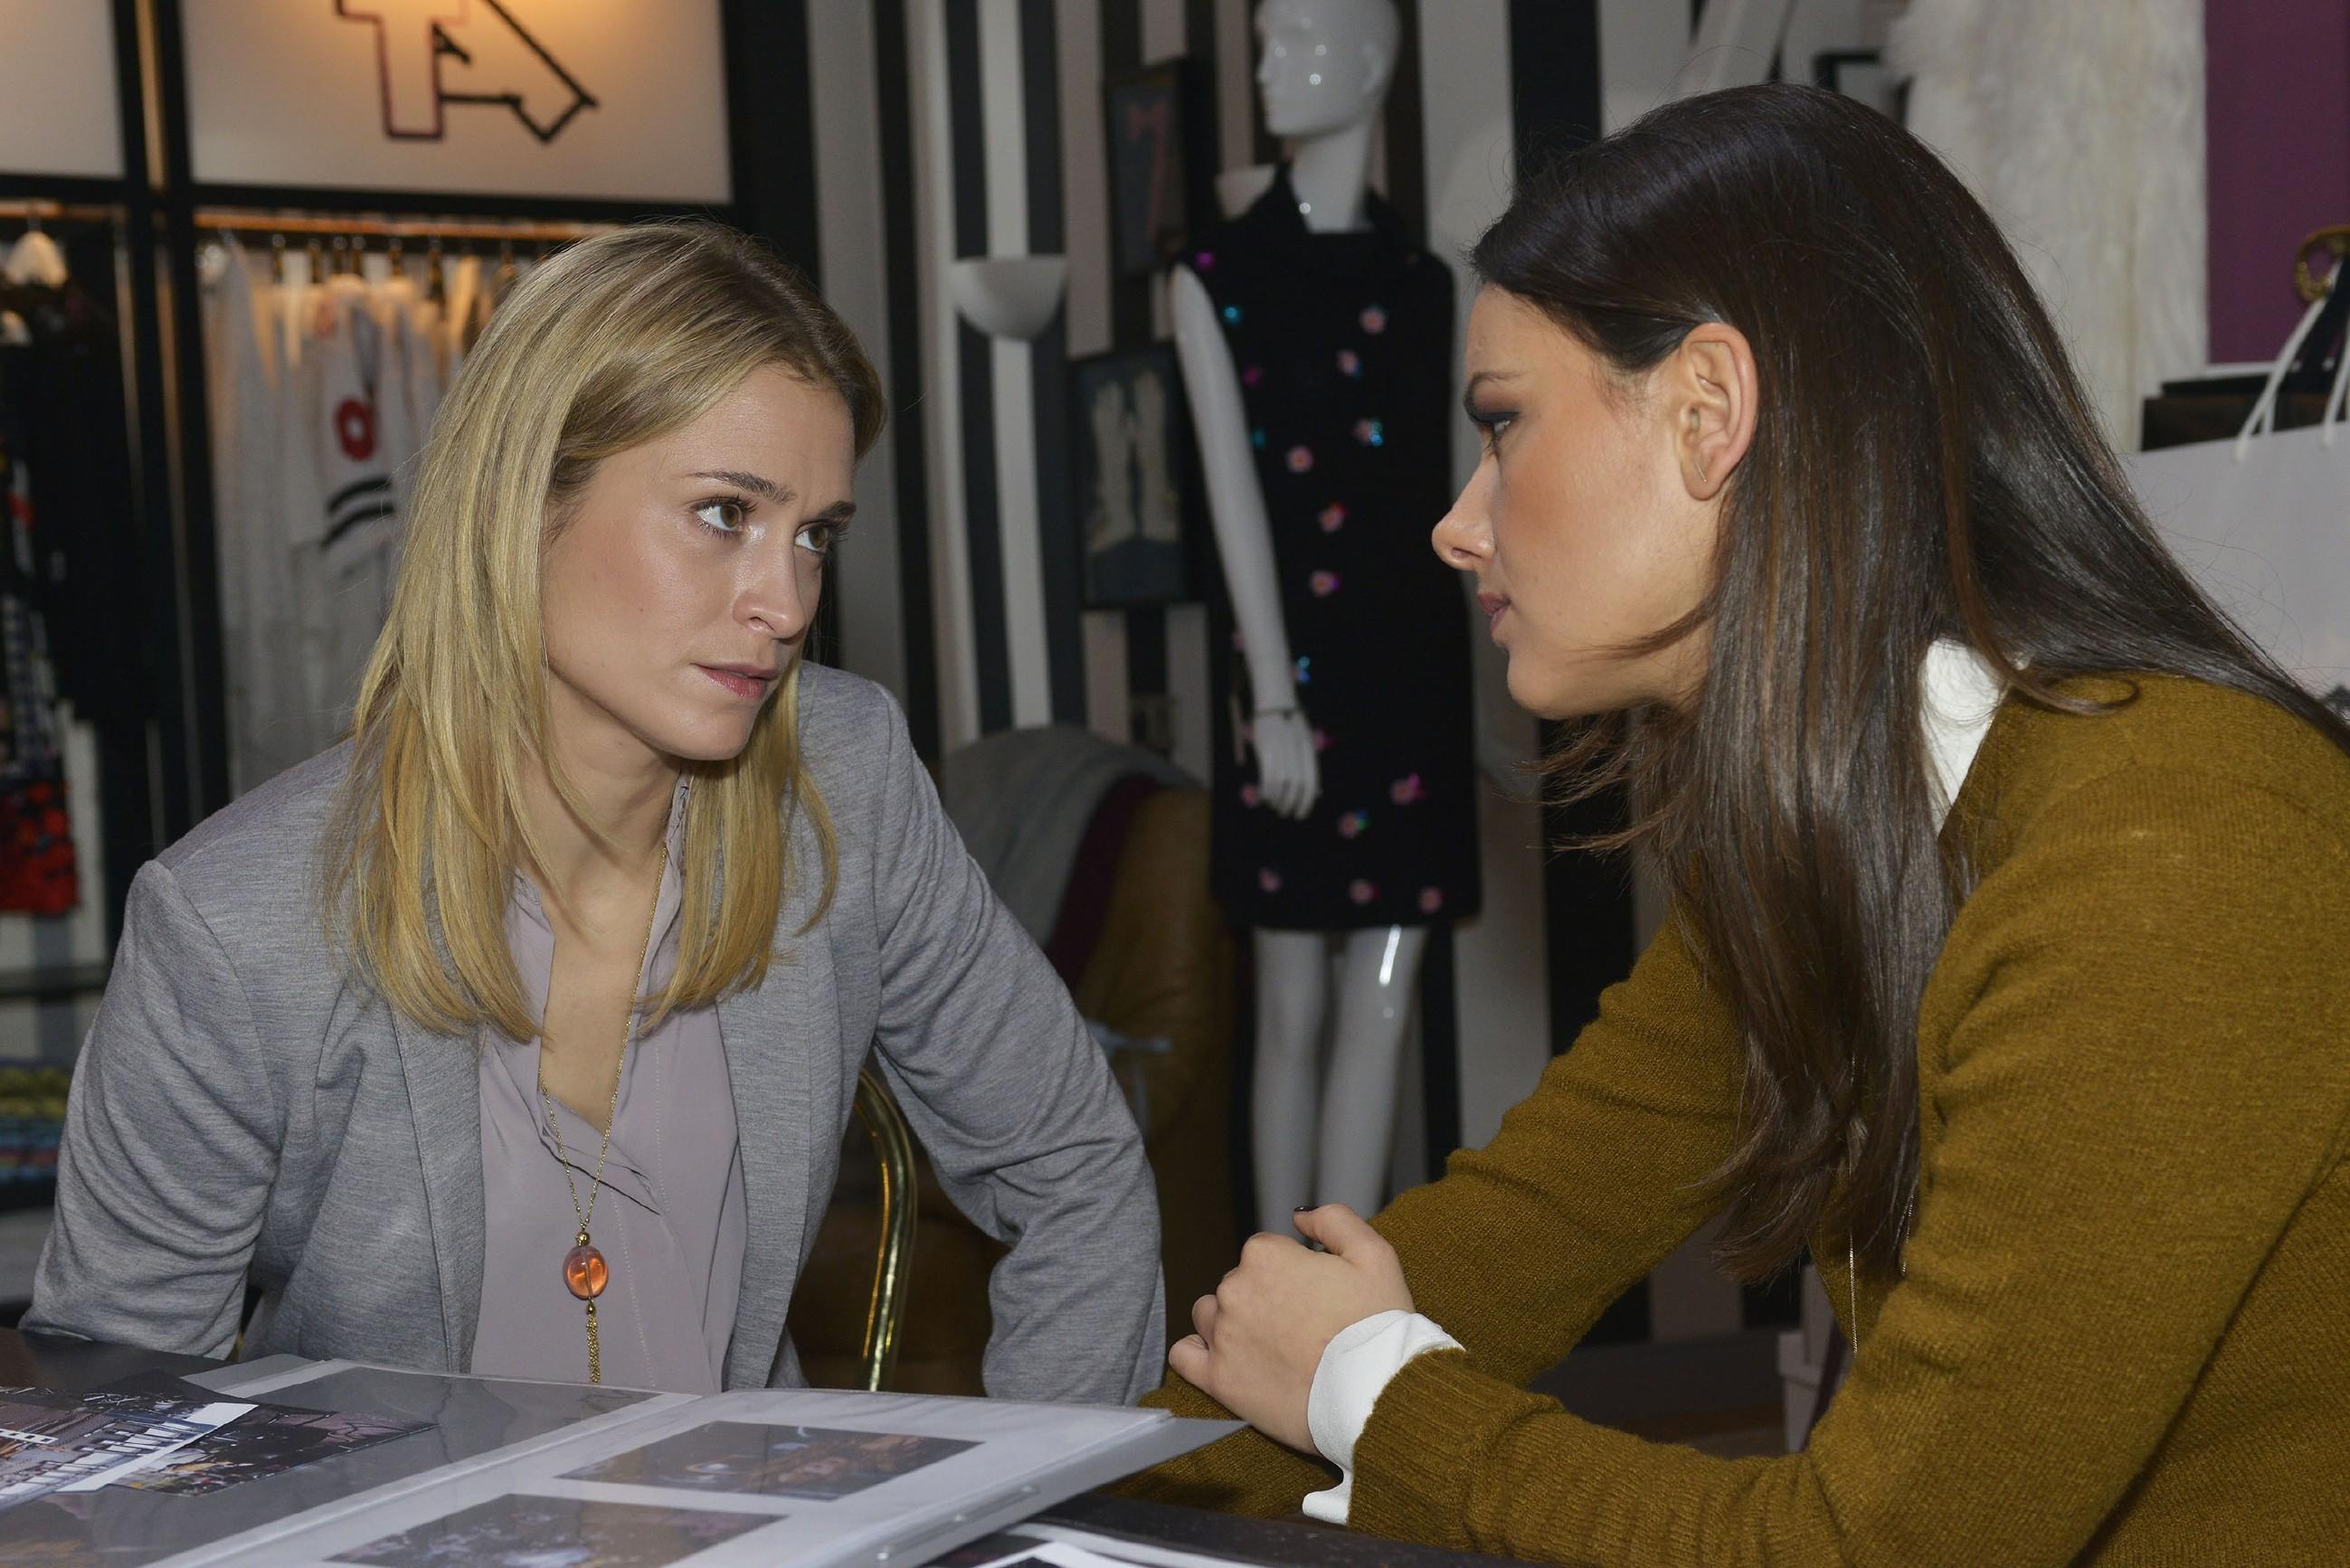 Sophie (Lea Marlen Woitack, l.) vertraut Jasmin (Janina Uhse) an, dass sie um ihre Ehe kämpfen will. (Foto: RTL / Rolf Baumgartner)